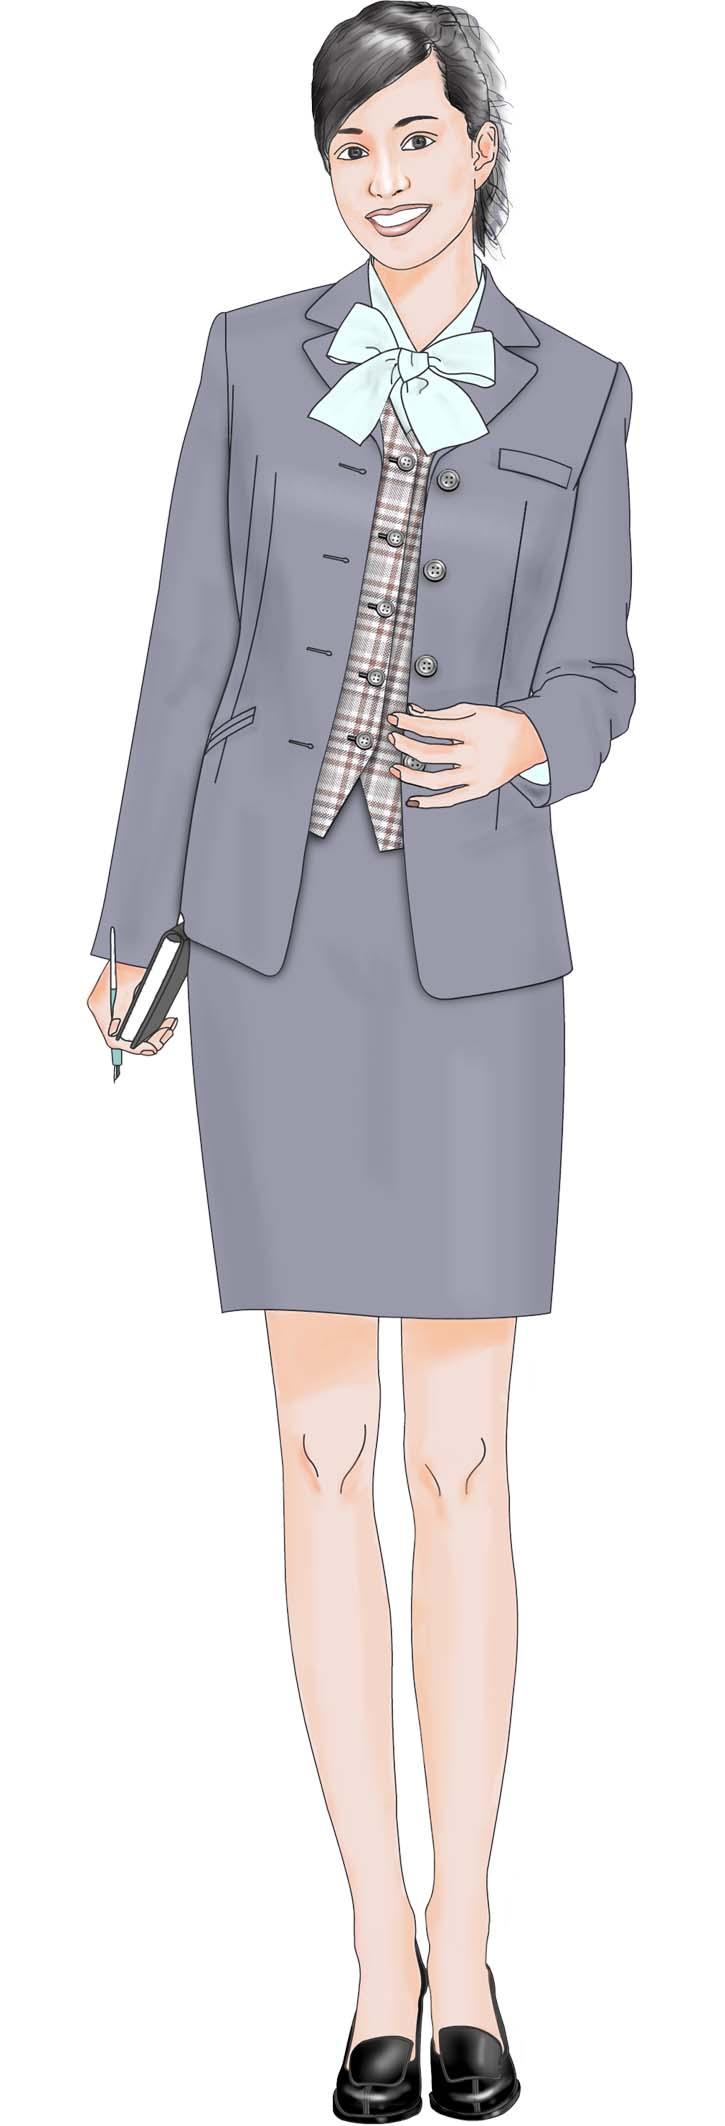 女职业装效果图手绘图